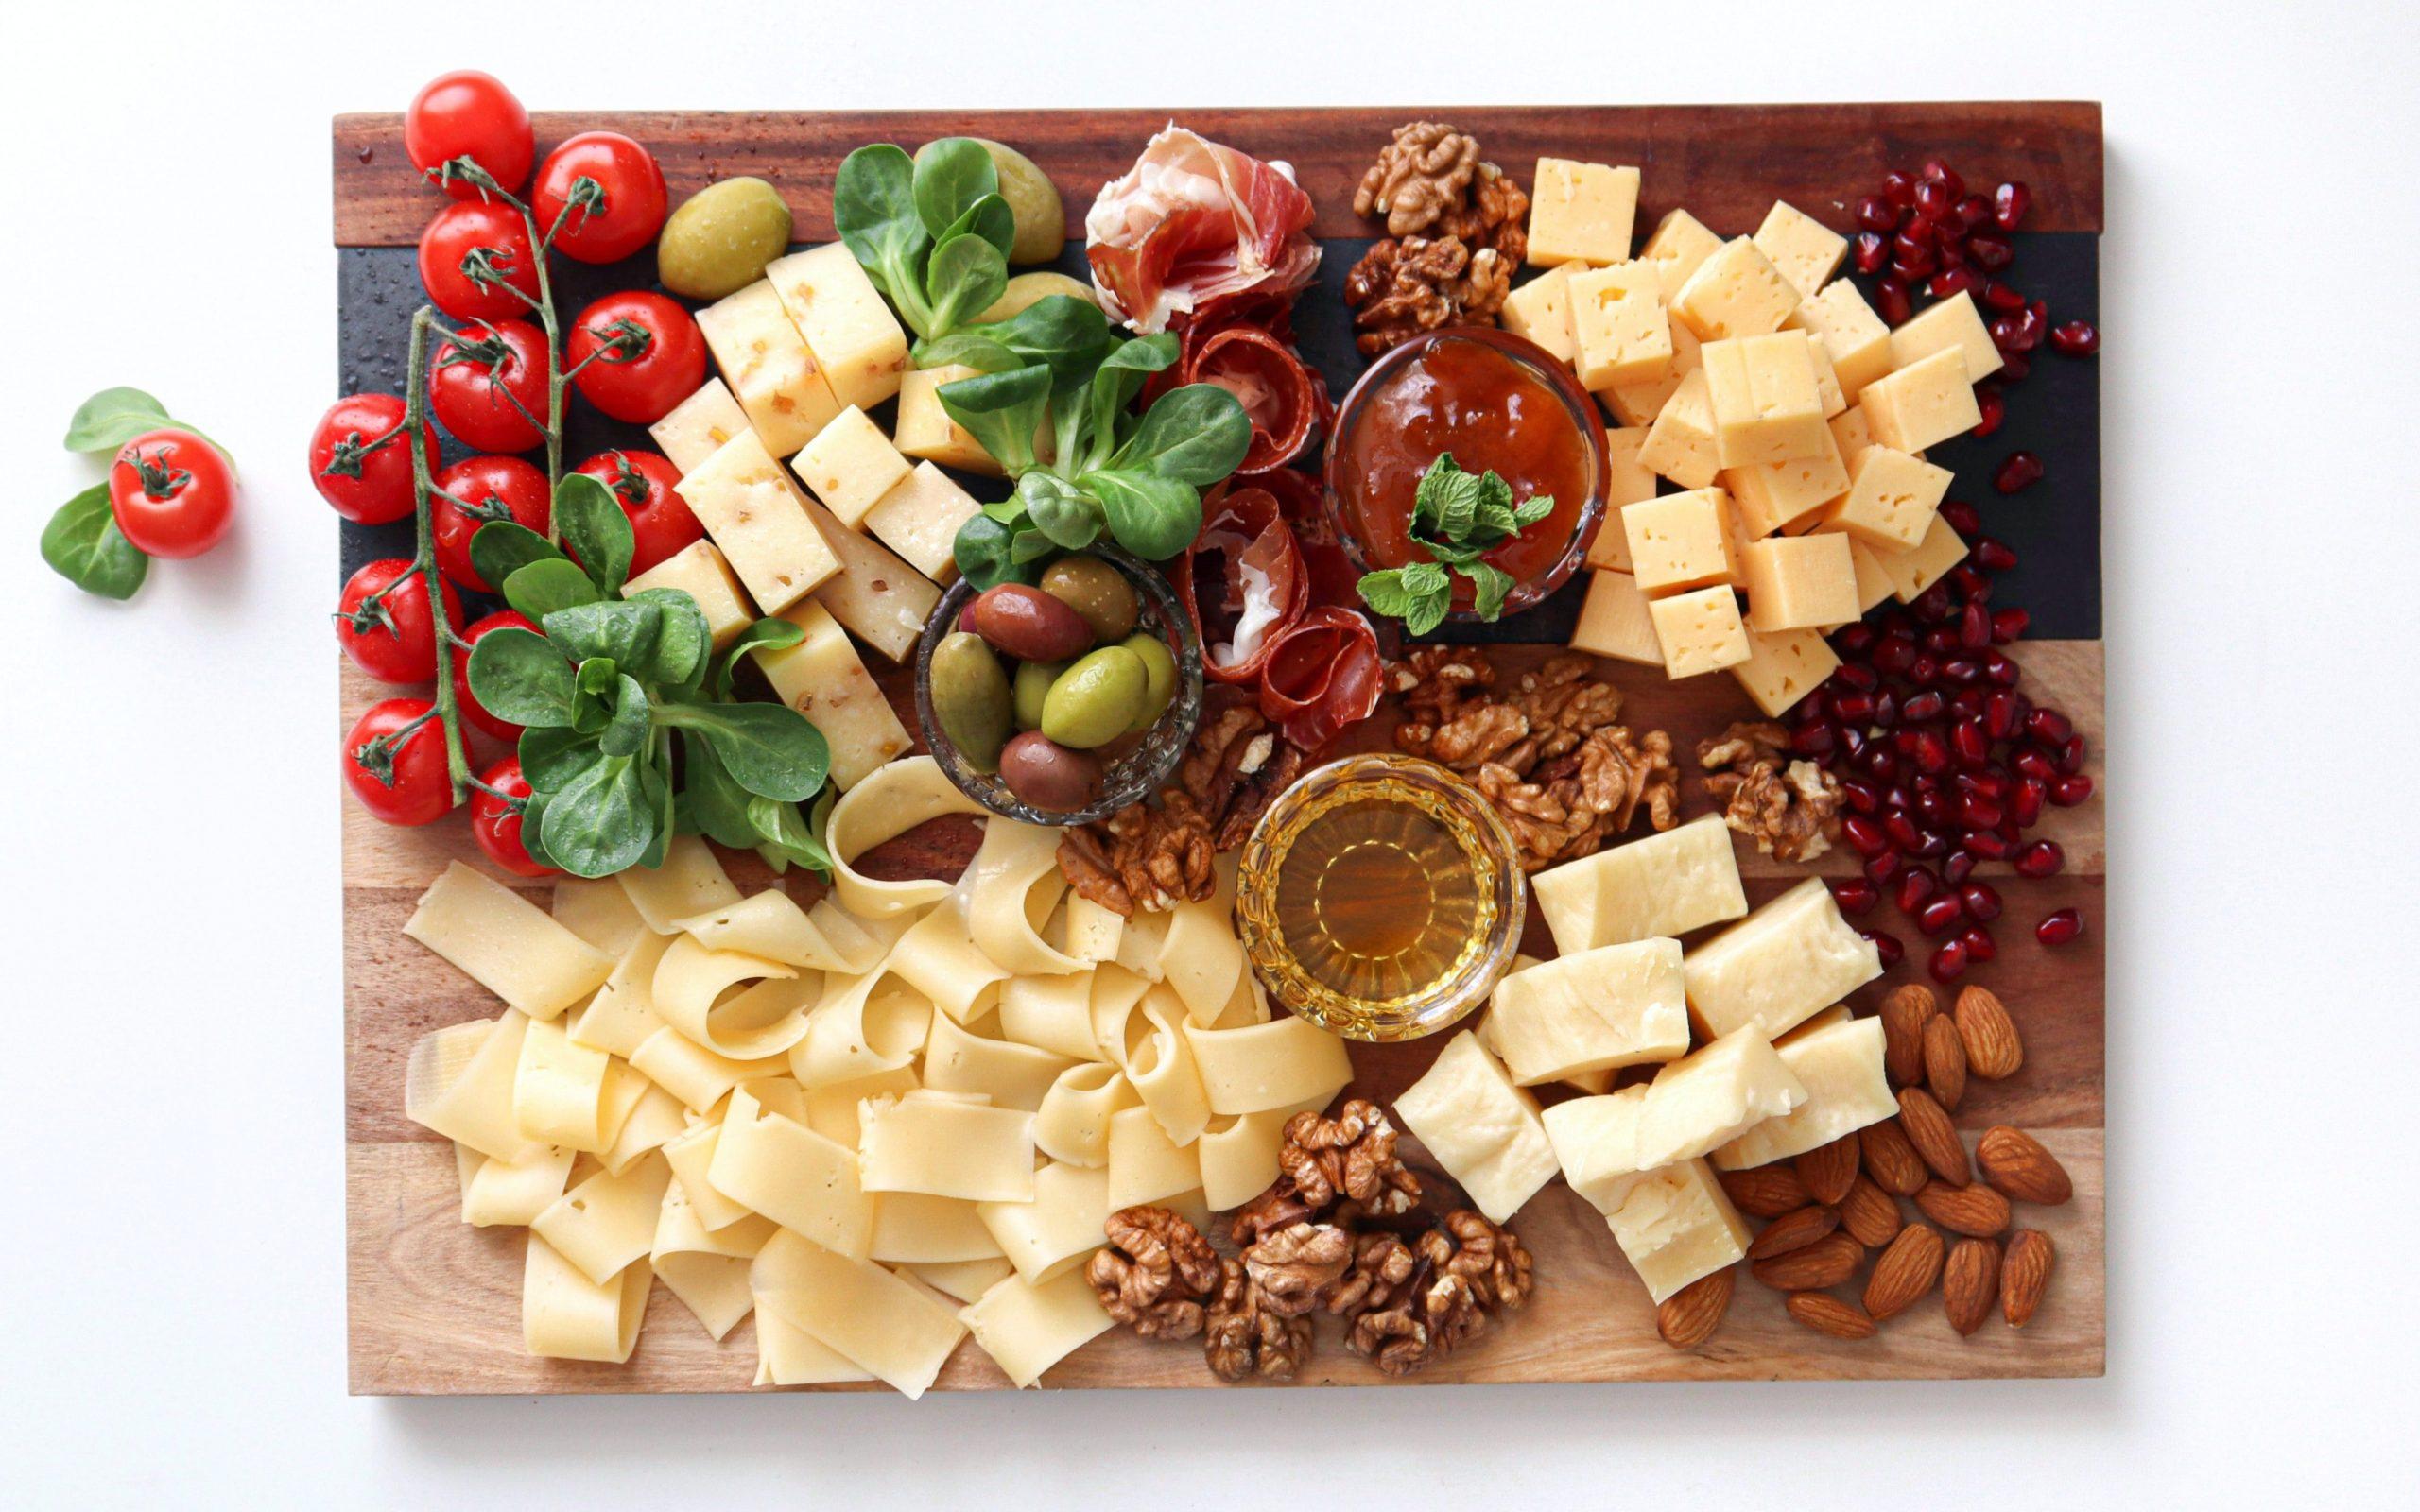 Vollfetter Käse ist ein zero-carb Keto-Snack